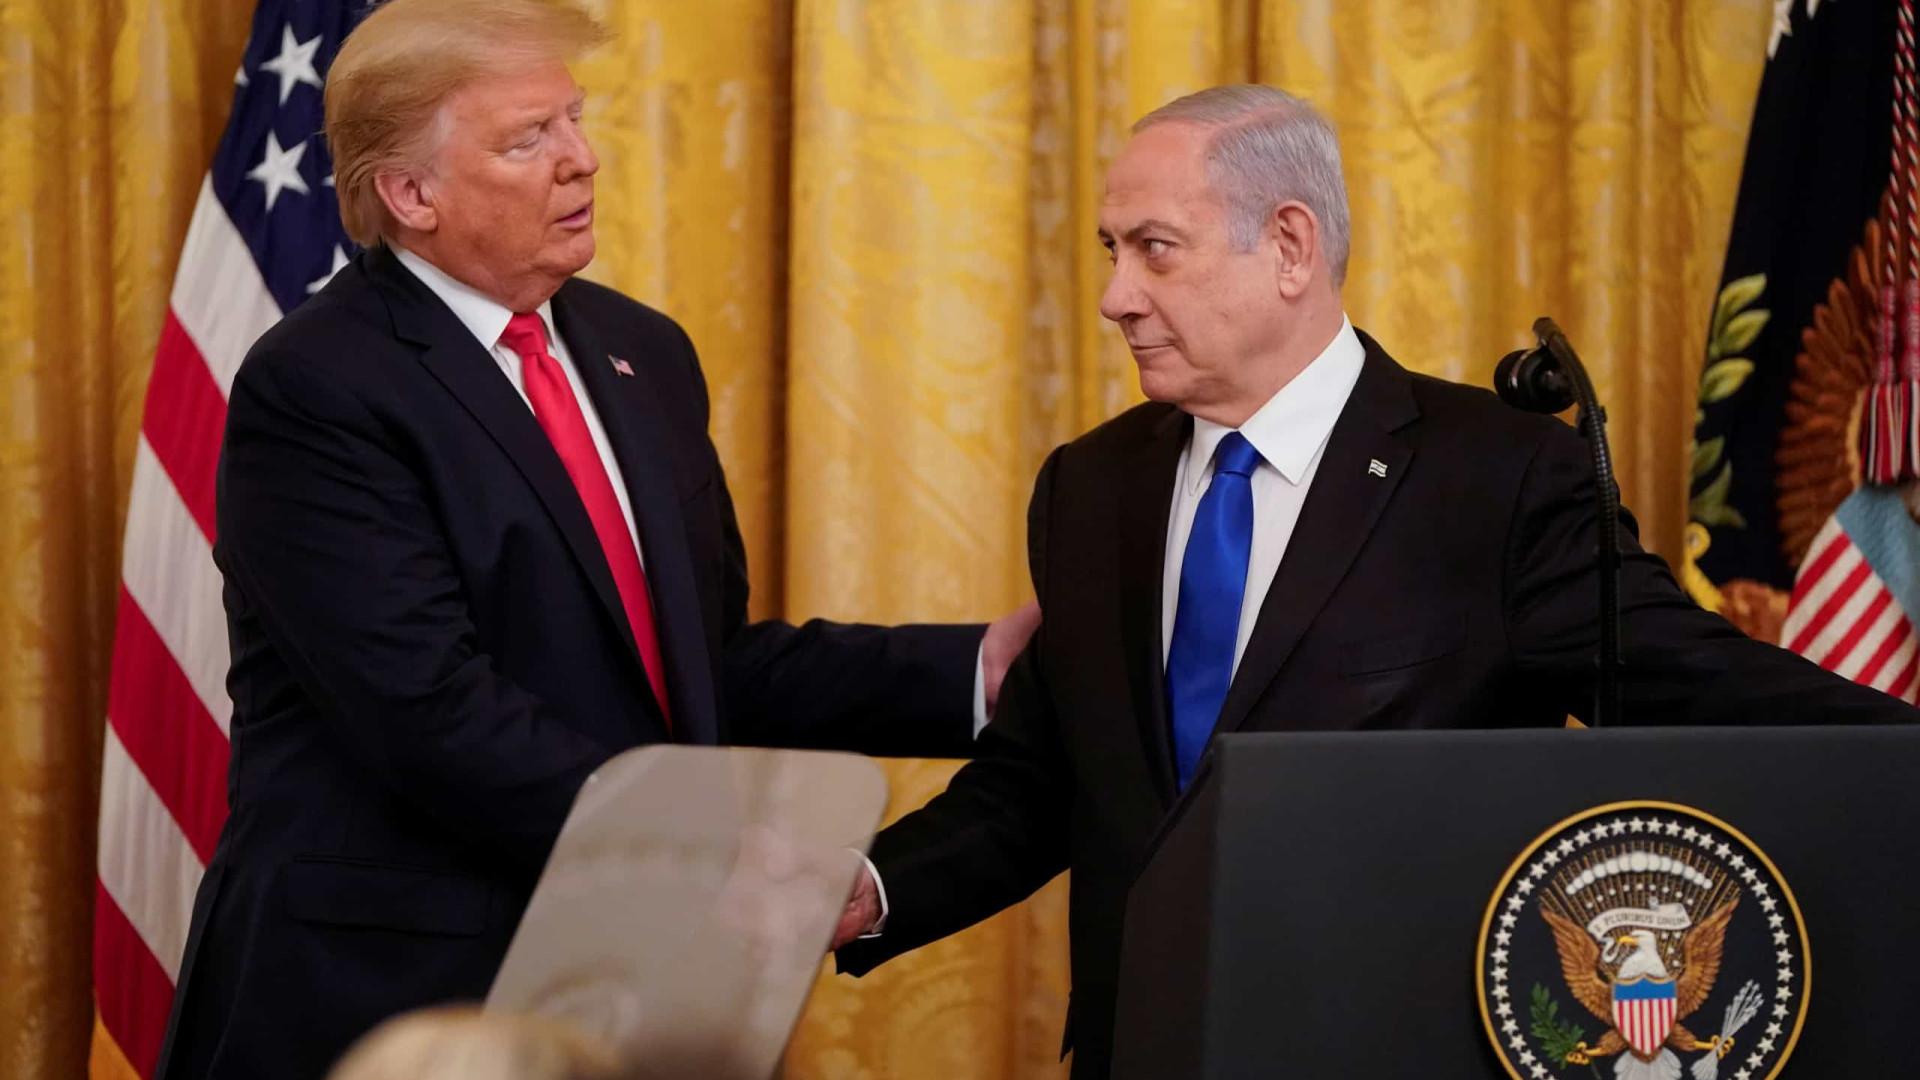 Trump anuncia plano de paz no Oriente Médio